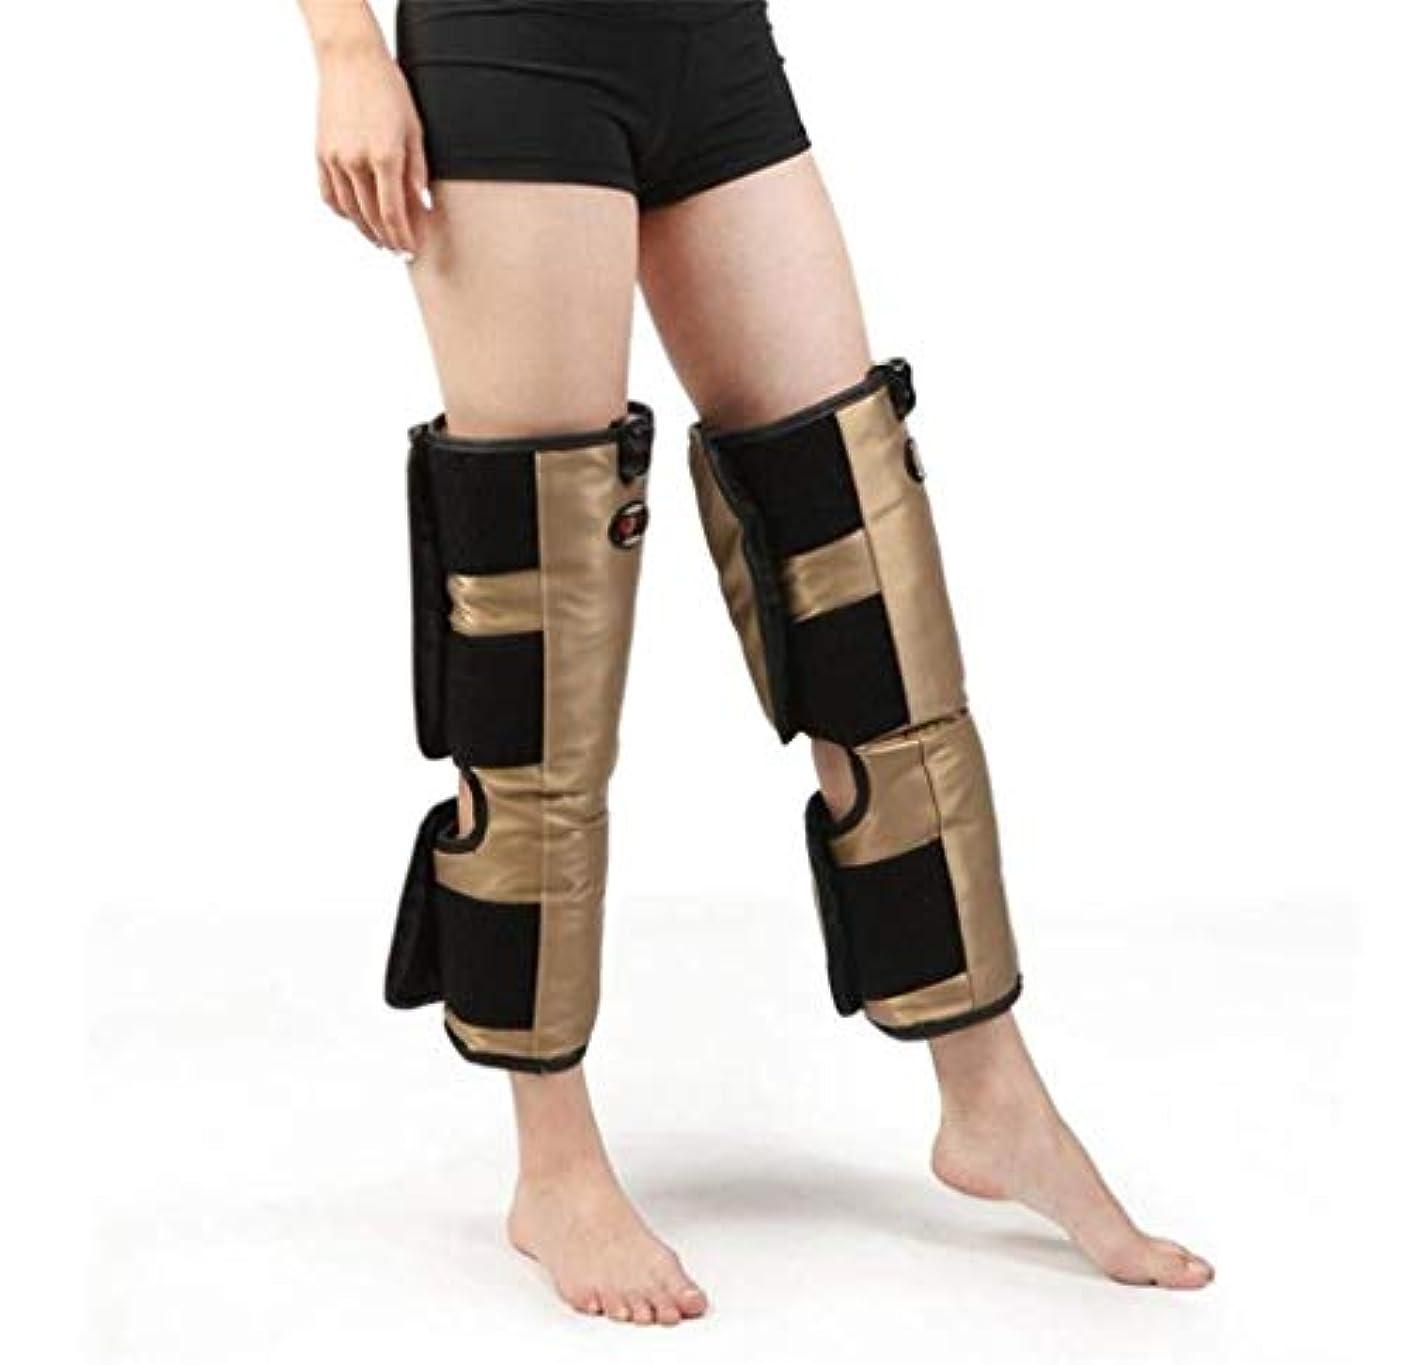 ありがたいオデュッセウスジョージバーナード脚マッサージャー、電気膝ブレース、oxiホット圧縮振動マッサージ療法、多機能電気加熱膝理学療法機器